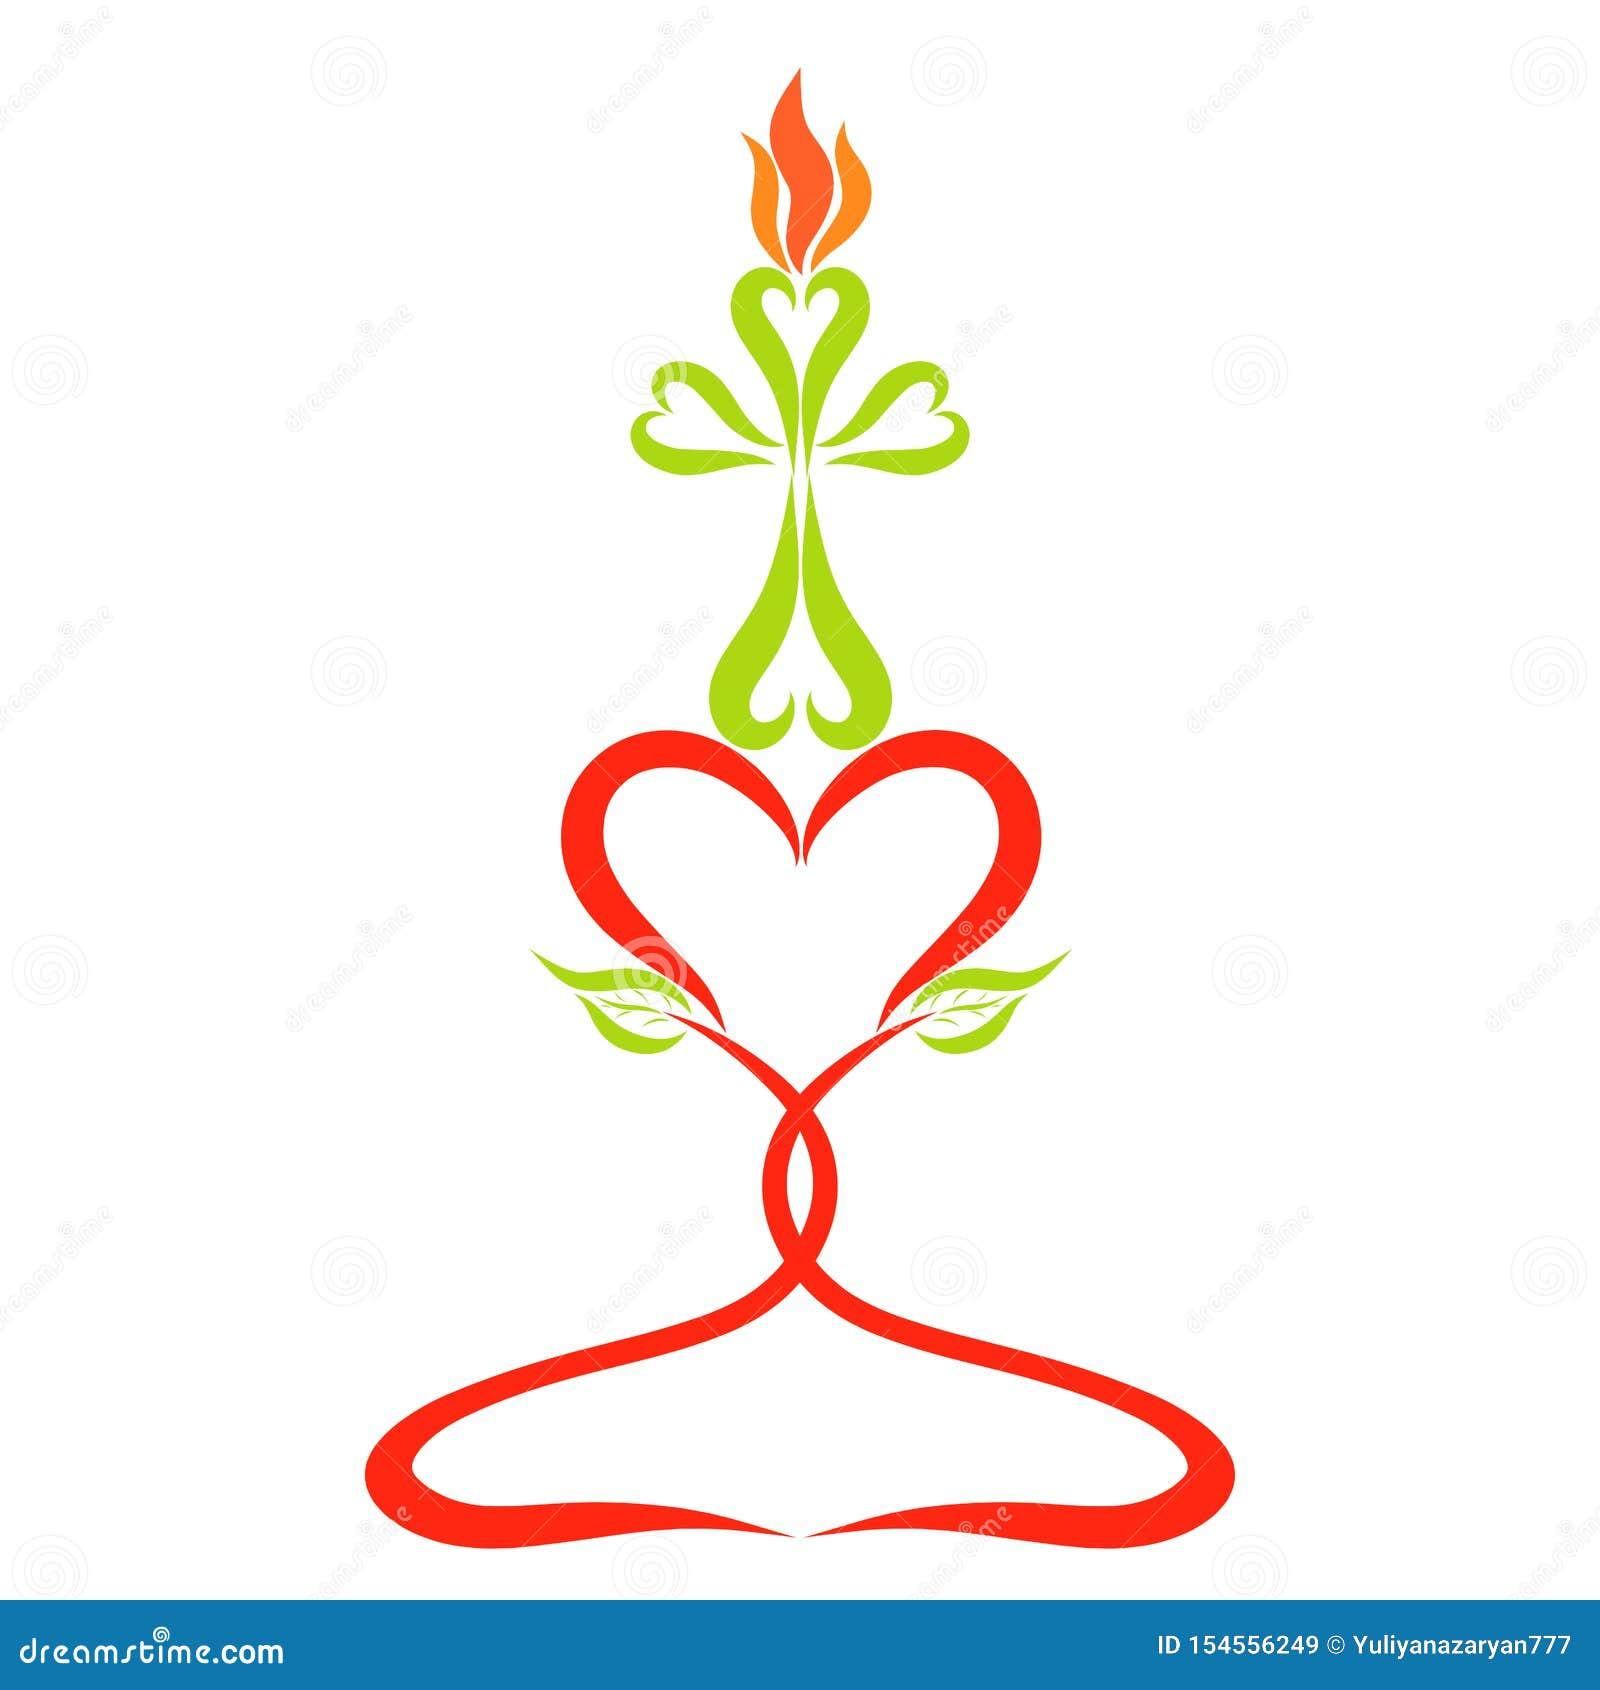 以一个十字架的形式燃烧的蜡烛在心脏